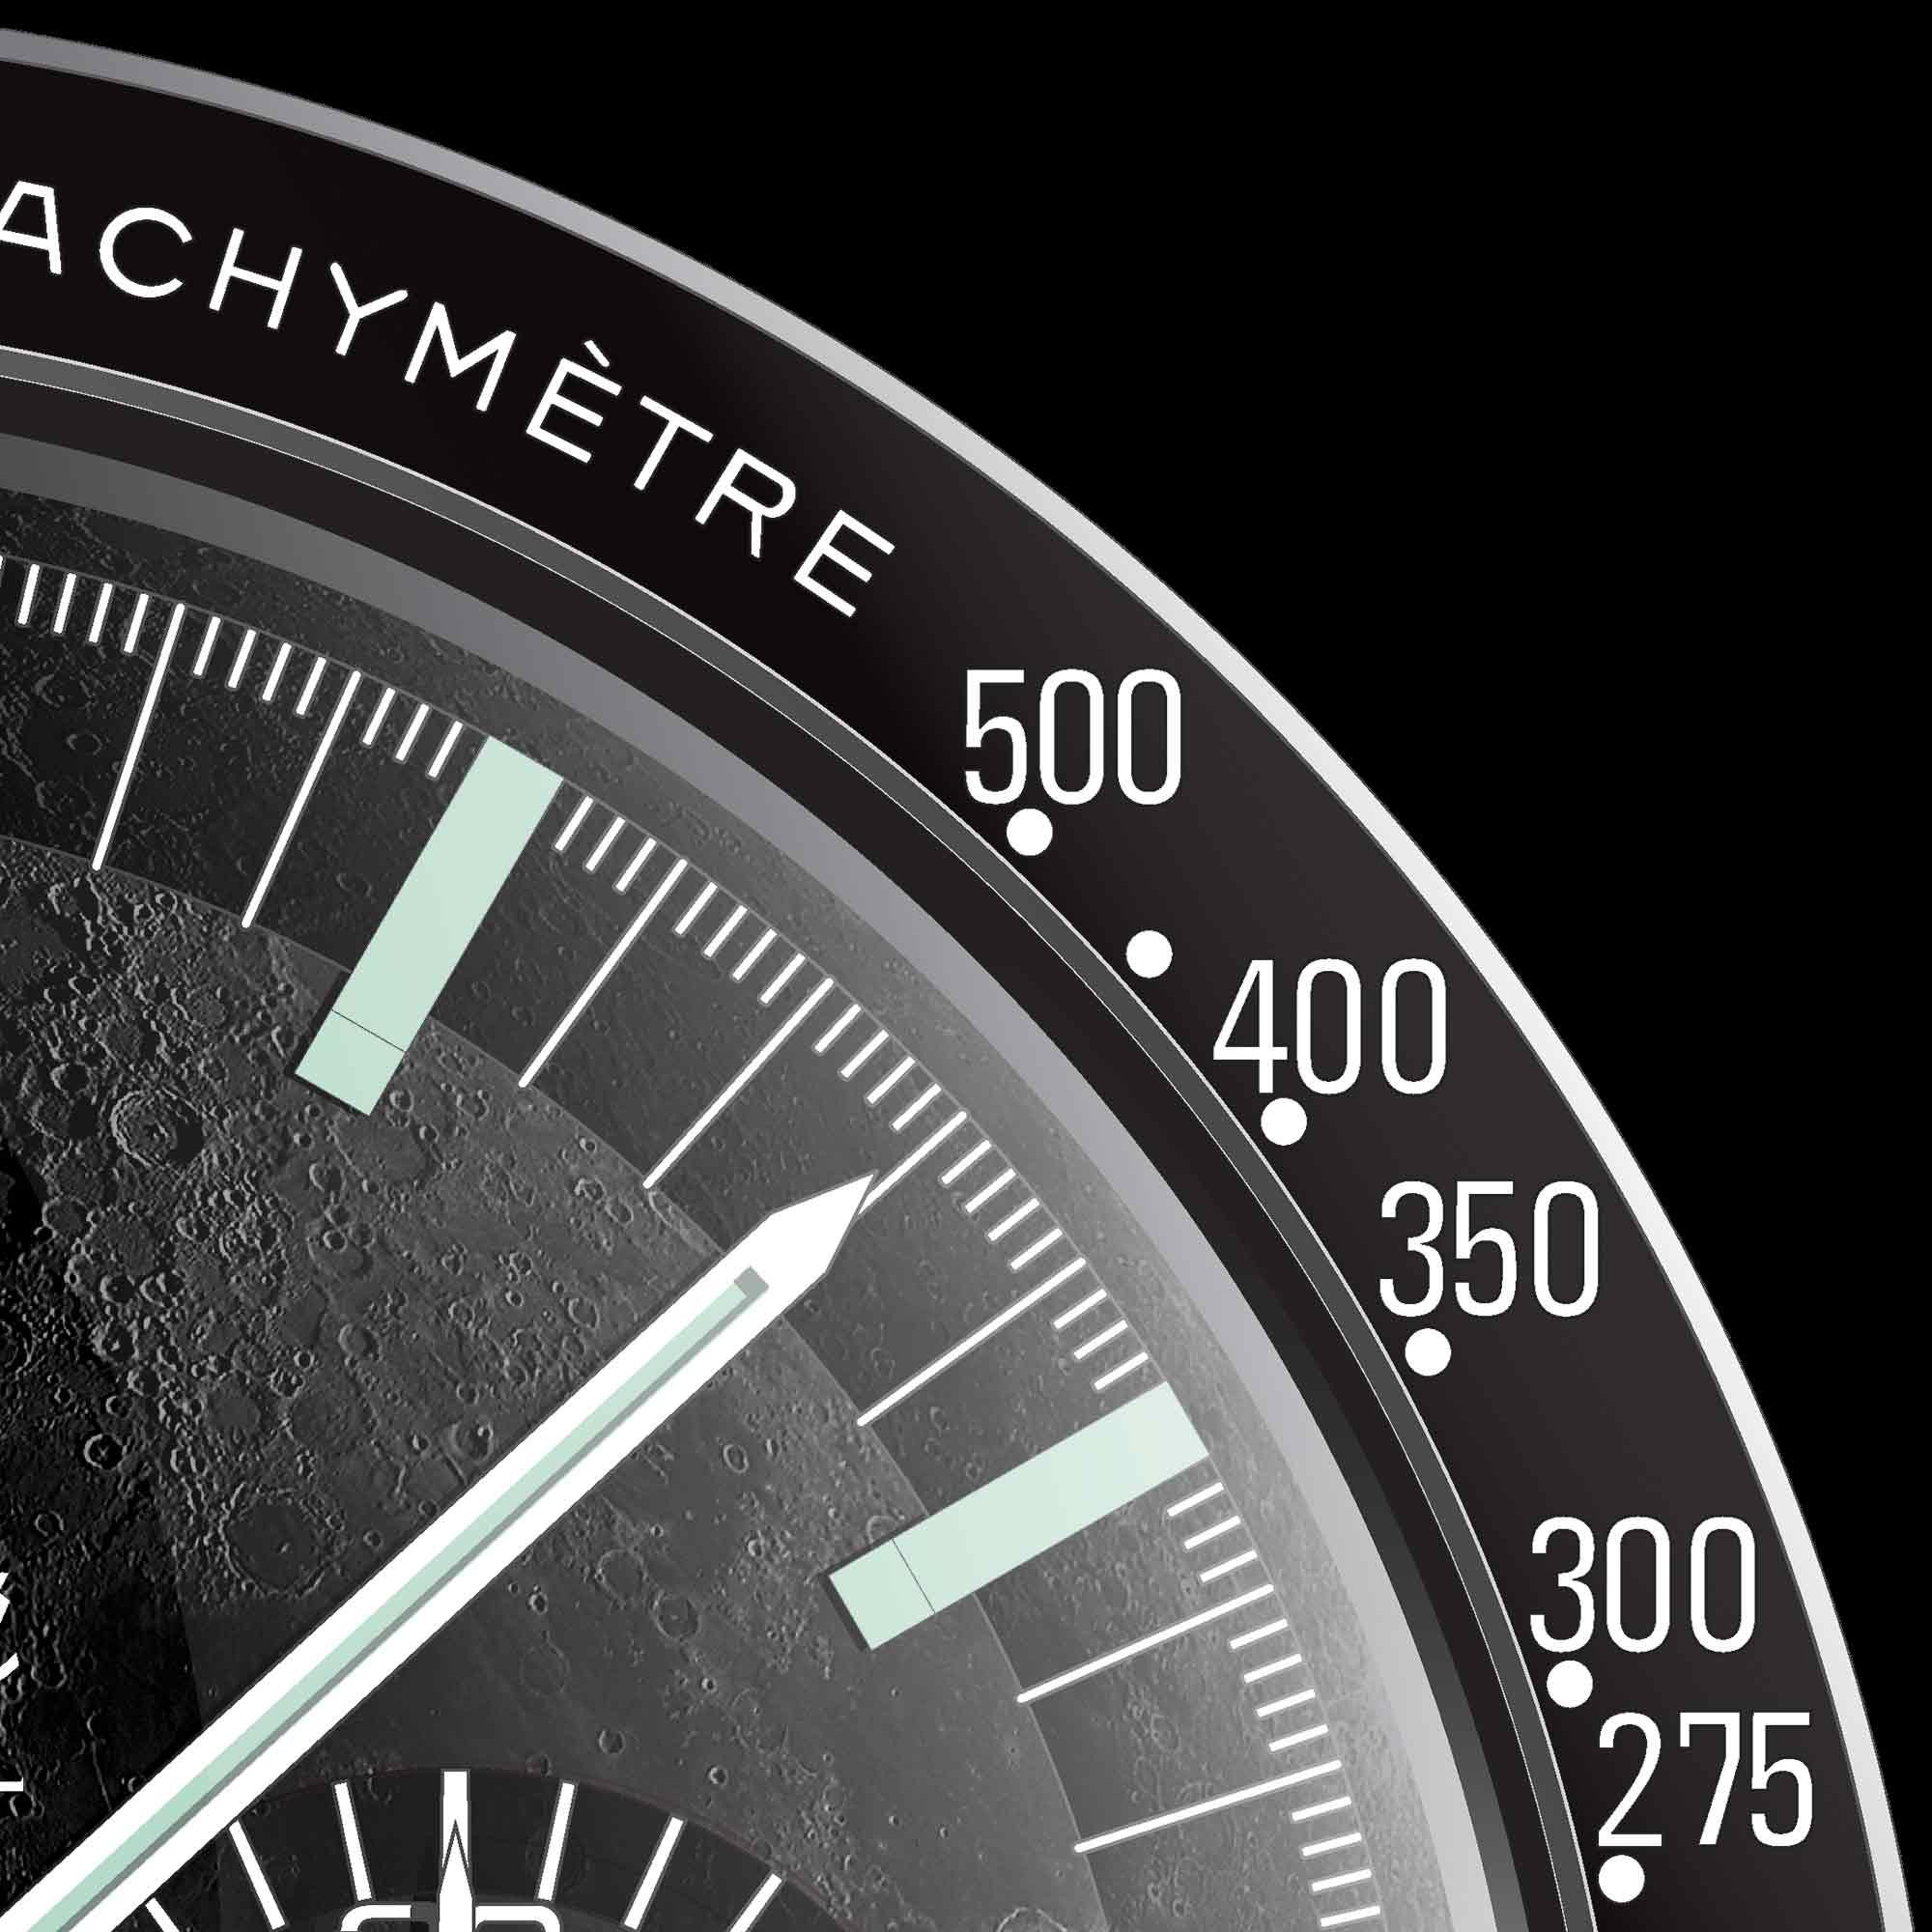 OMEGA Speedmaster art print detail - uchi horology series